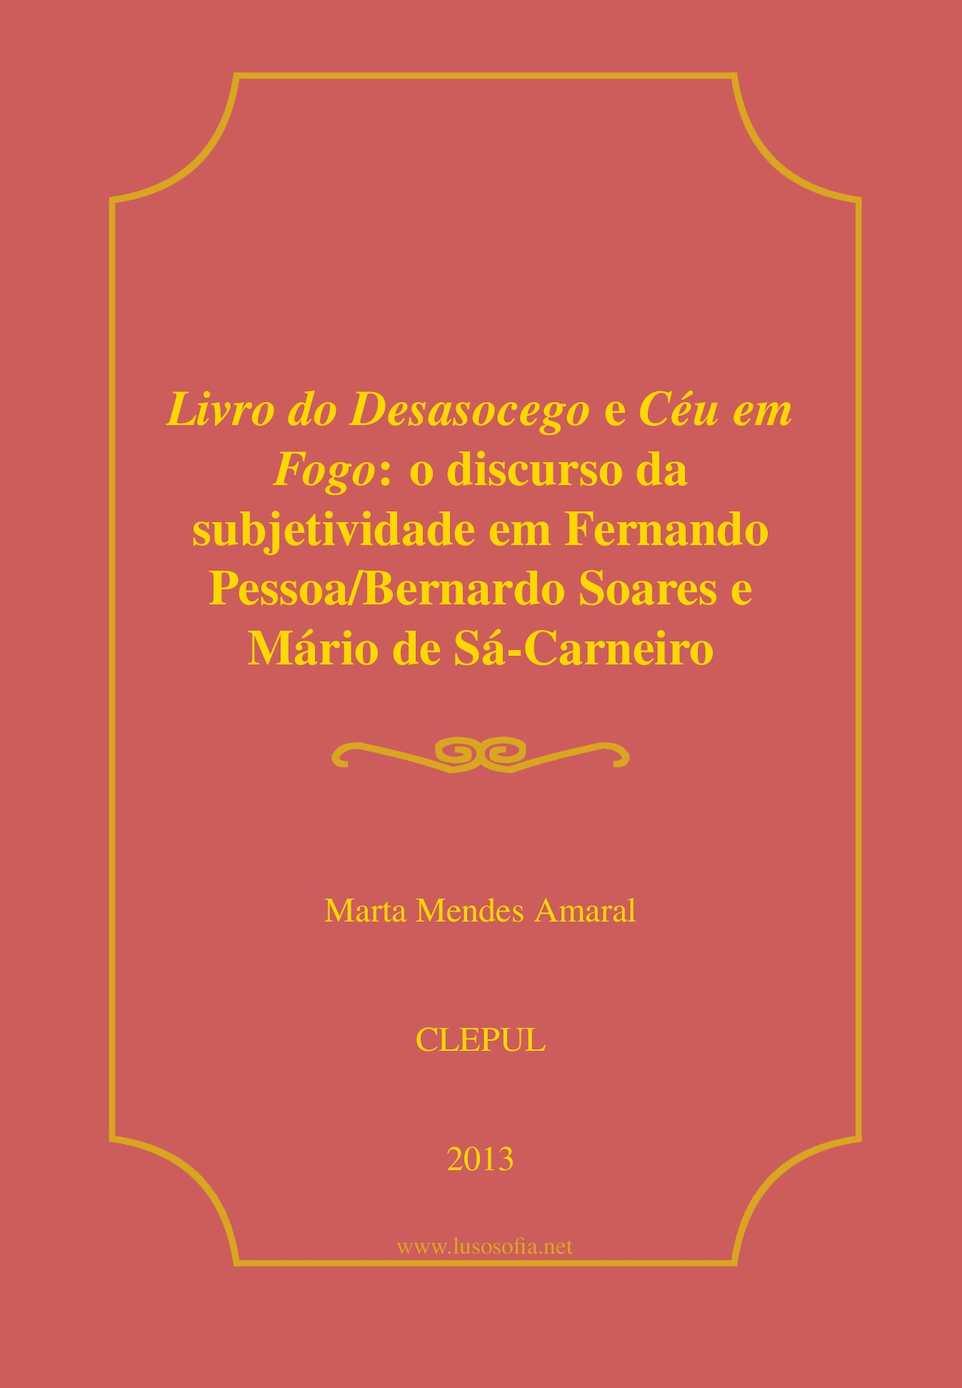 Livro do Desasocego e Céu em Fogo: O discurso da subjetividade em Fernando Pessoa/Bernardo Soares e Mário de Sá-Carneiro